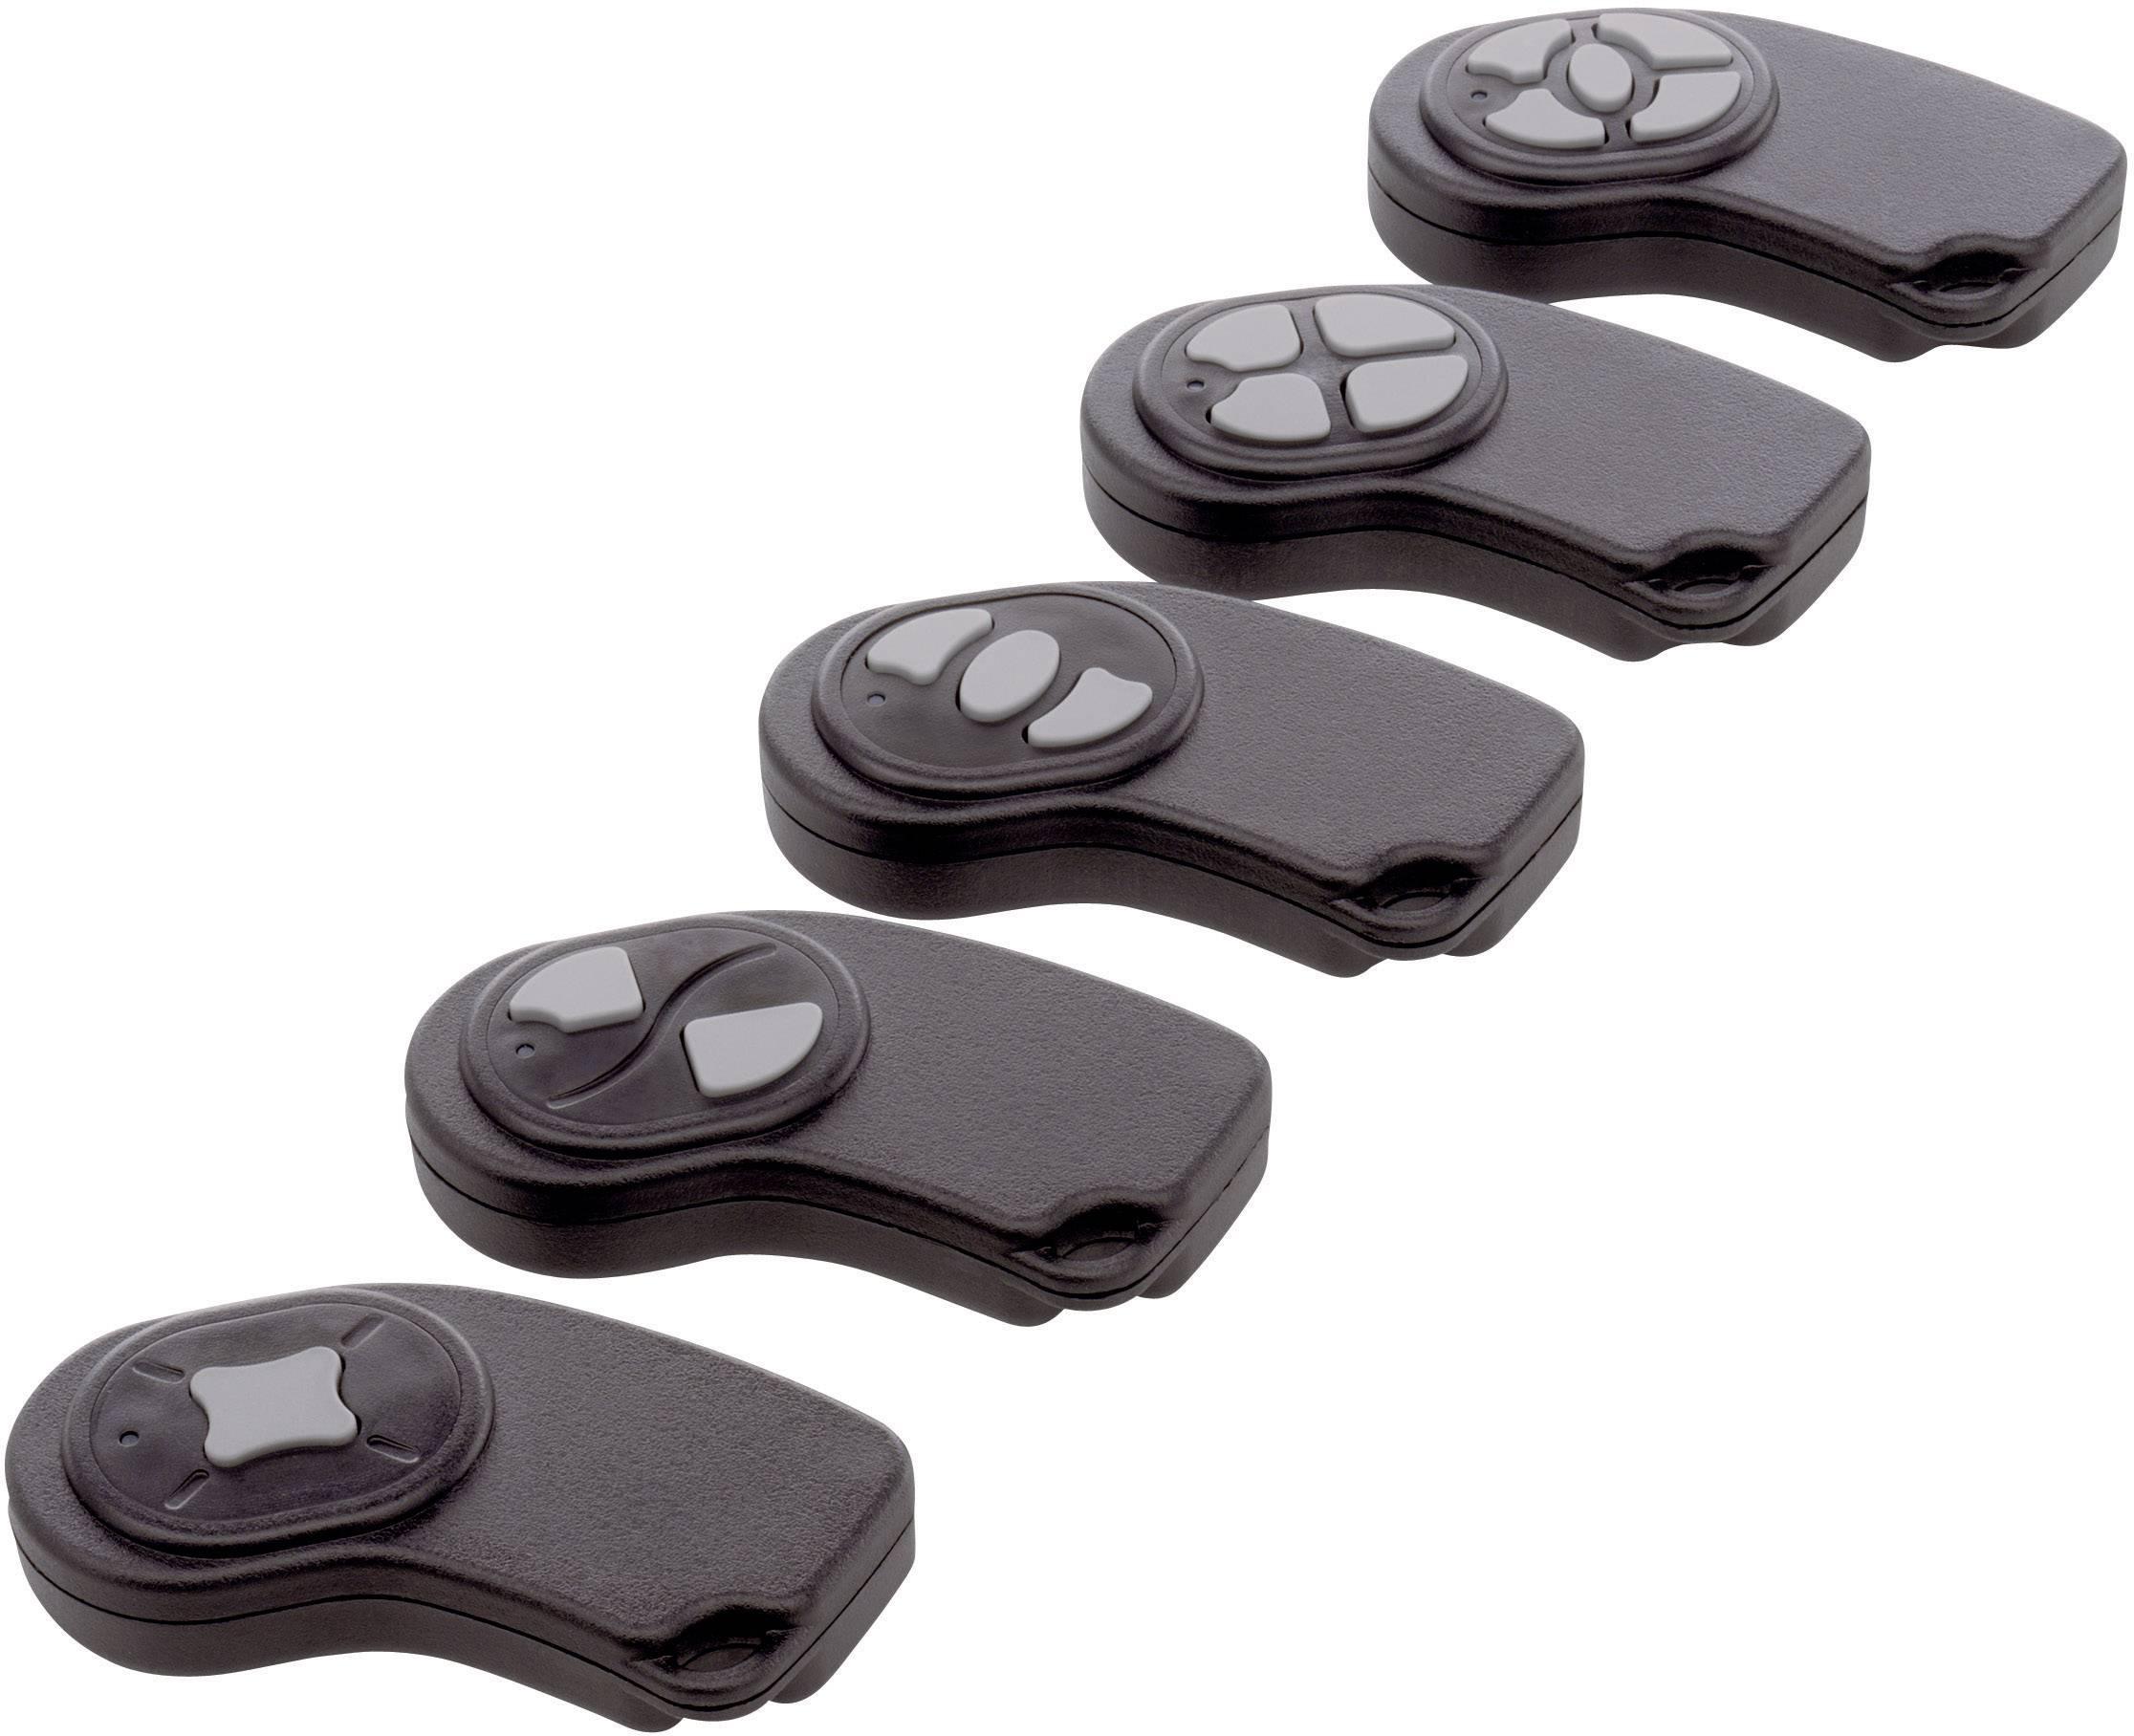 Univerzální pouzdro ABS Axxatronic 24080222-CON, 72 x 32 x 9,5 mm, černá